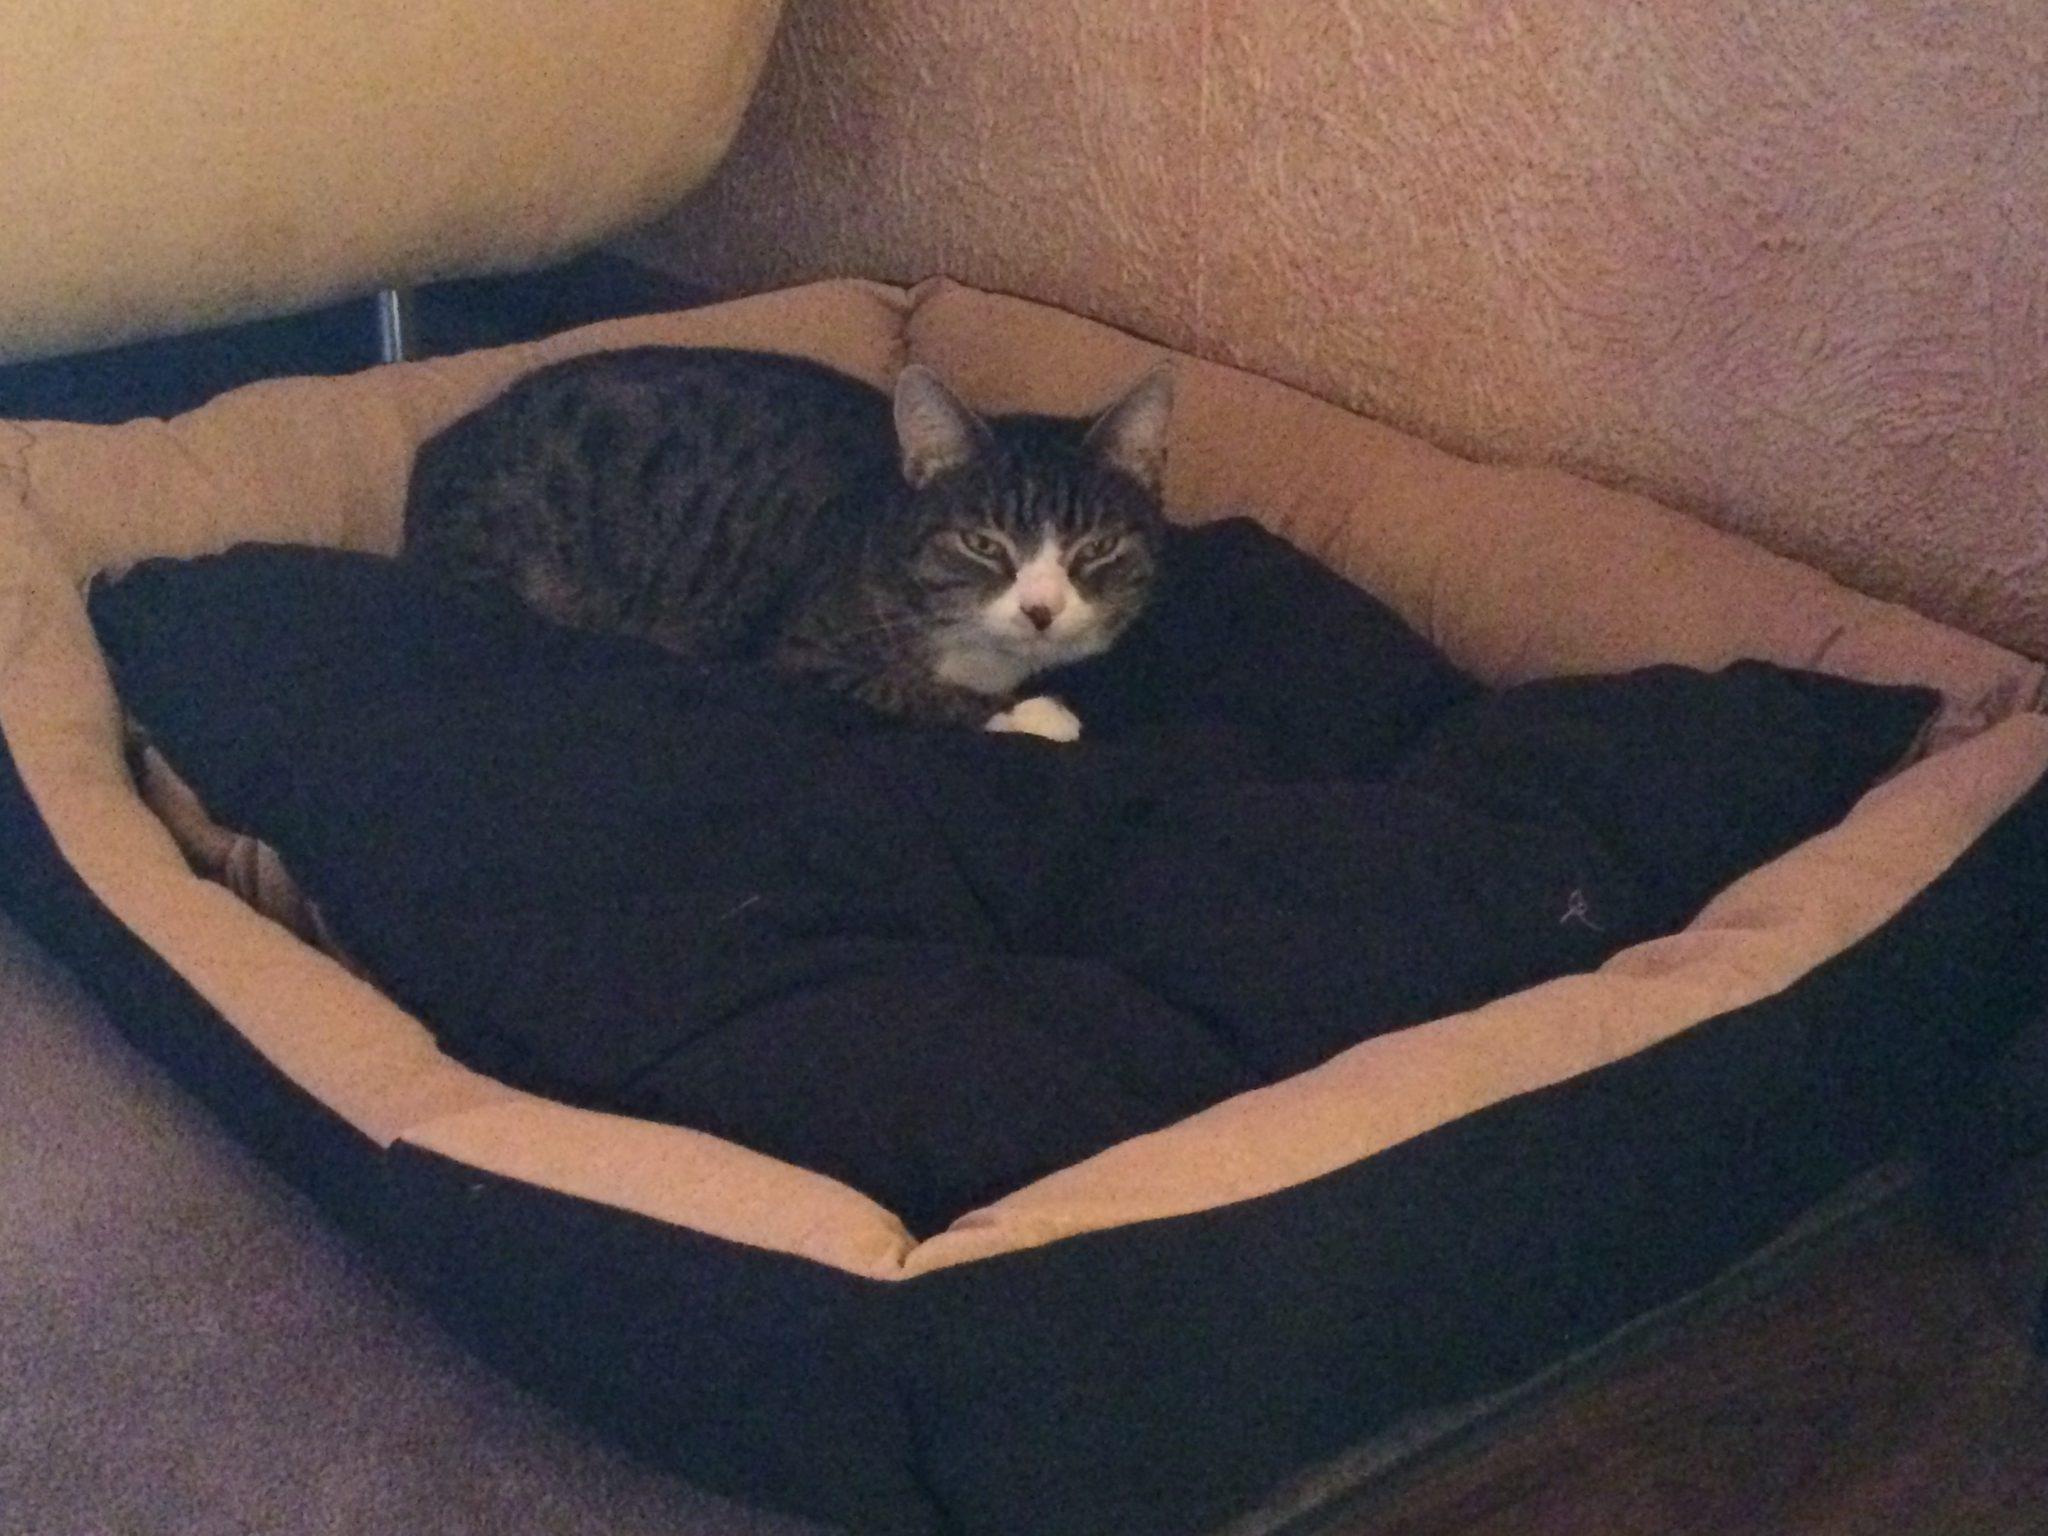 Katze in großem Hundebett